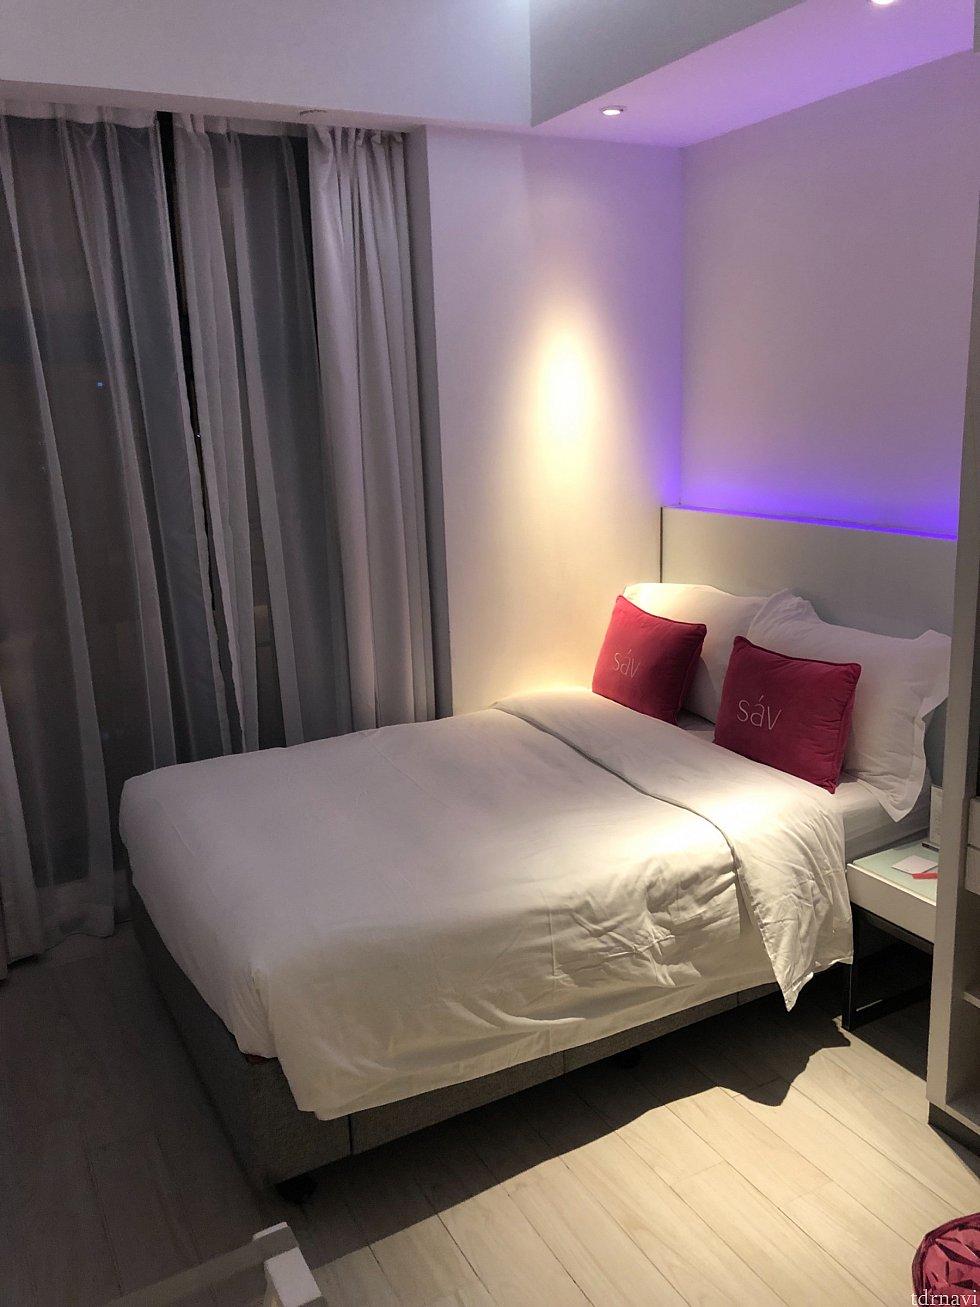 ベッドはダブルサイズで快適でした。